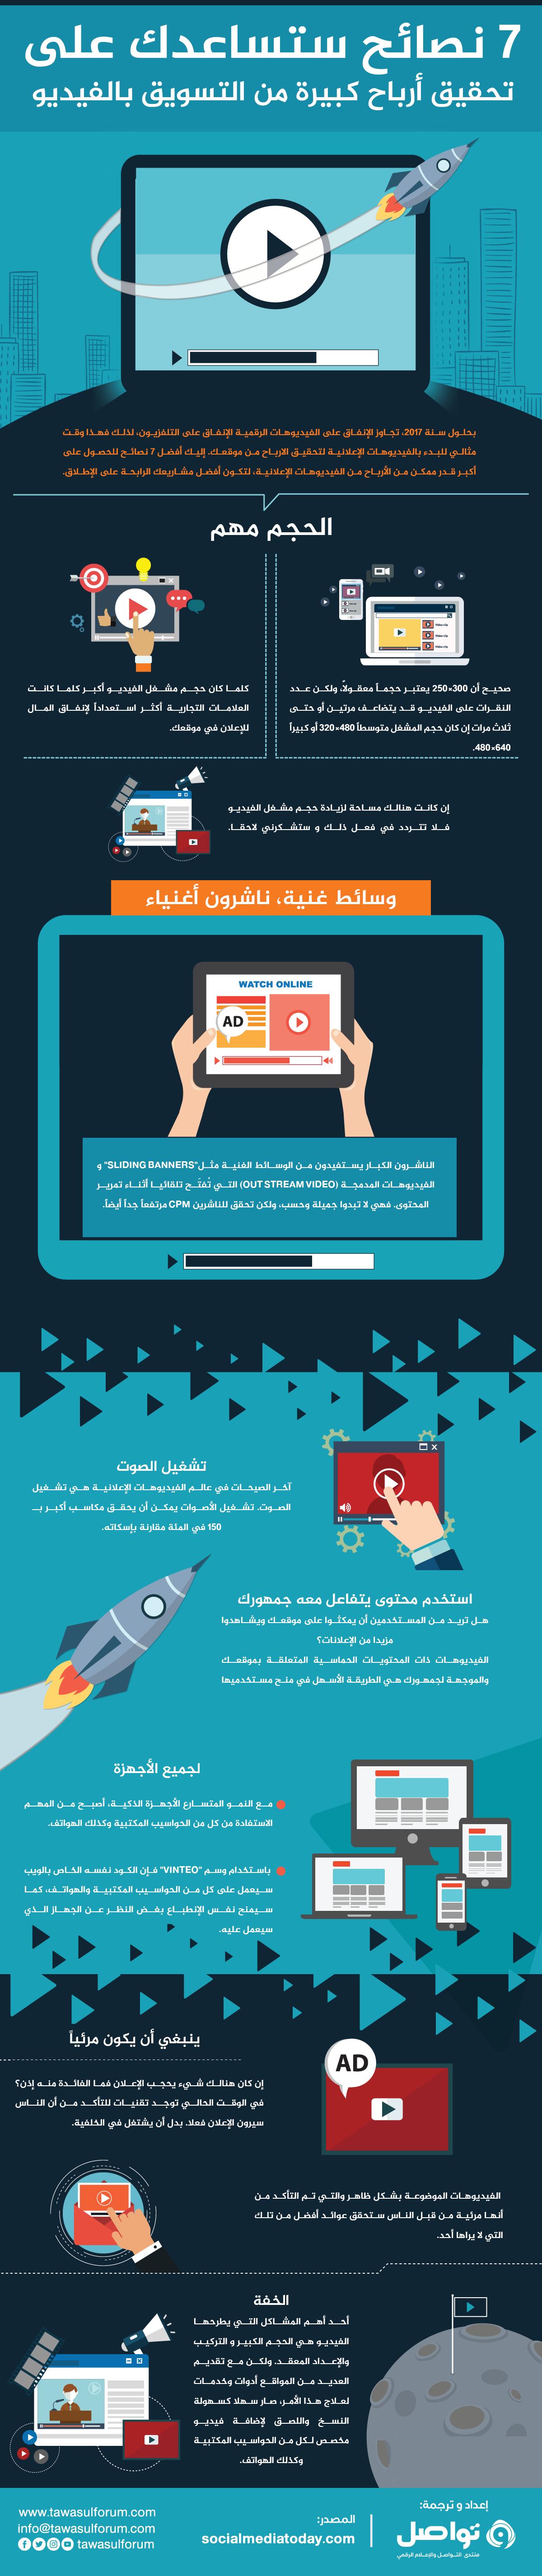 نصائح لتحقيق أرباح كبيرة من التسويق بالفيديو - منتدى تواصل الرقمي